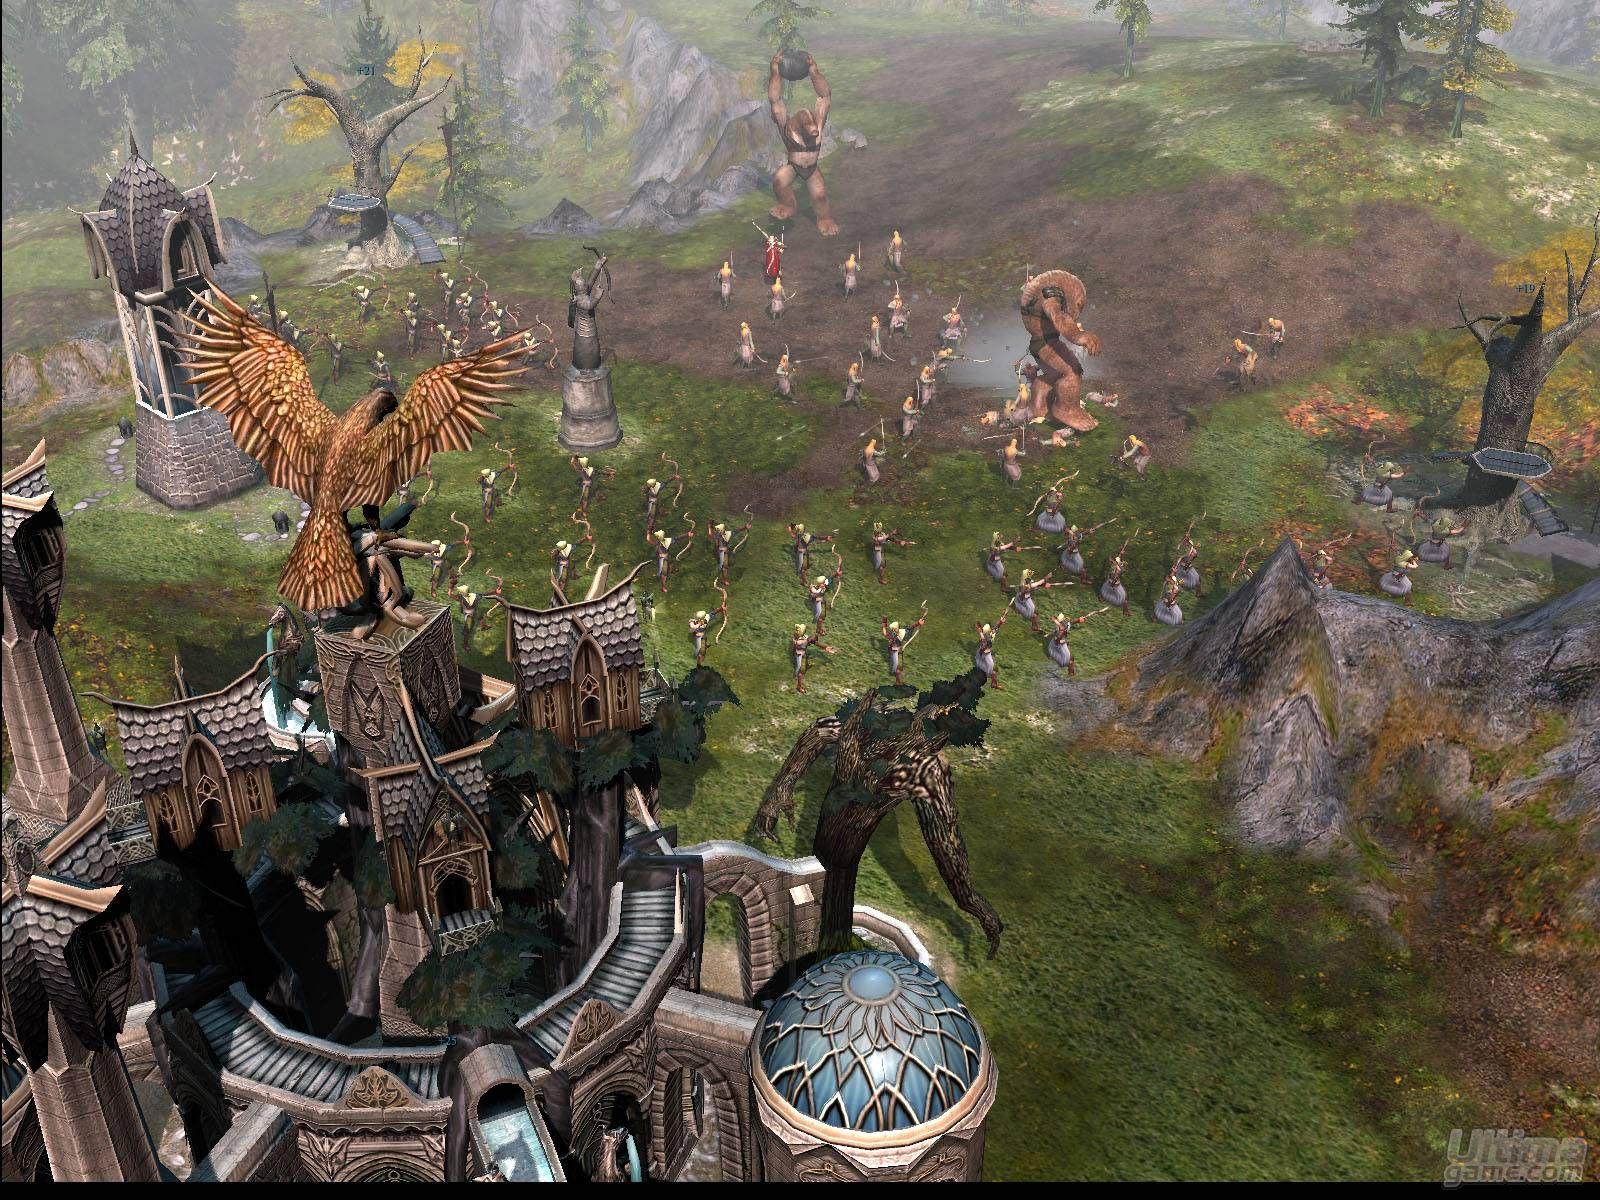 Portada en español y cuatro nuevas imágenes de El Señor de los Anillos: Batalla por la Tierra Media 2 para PC de El Señor de los Anillos: La Batalla por la Tierra Media 2 - imagen 1